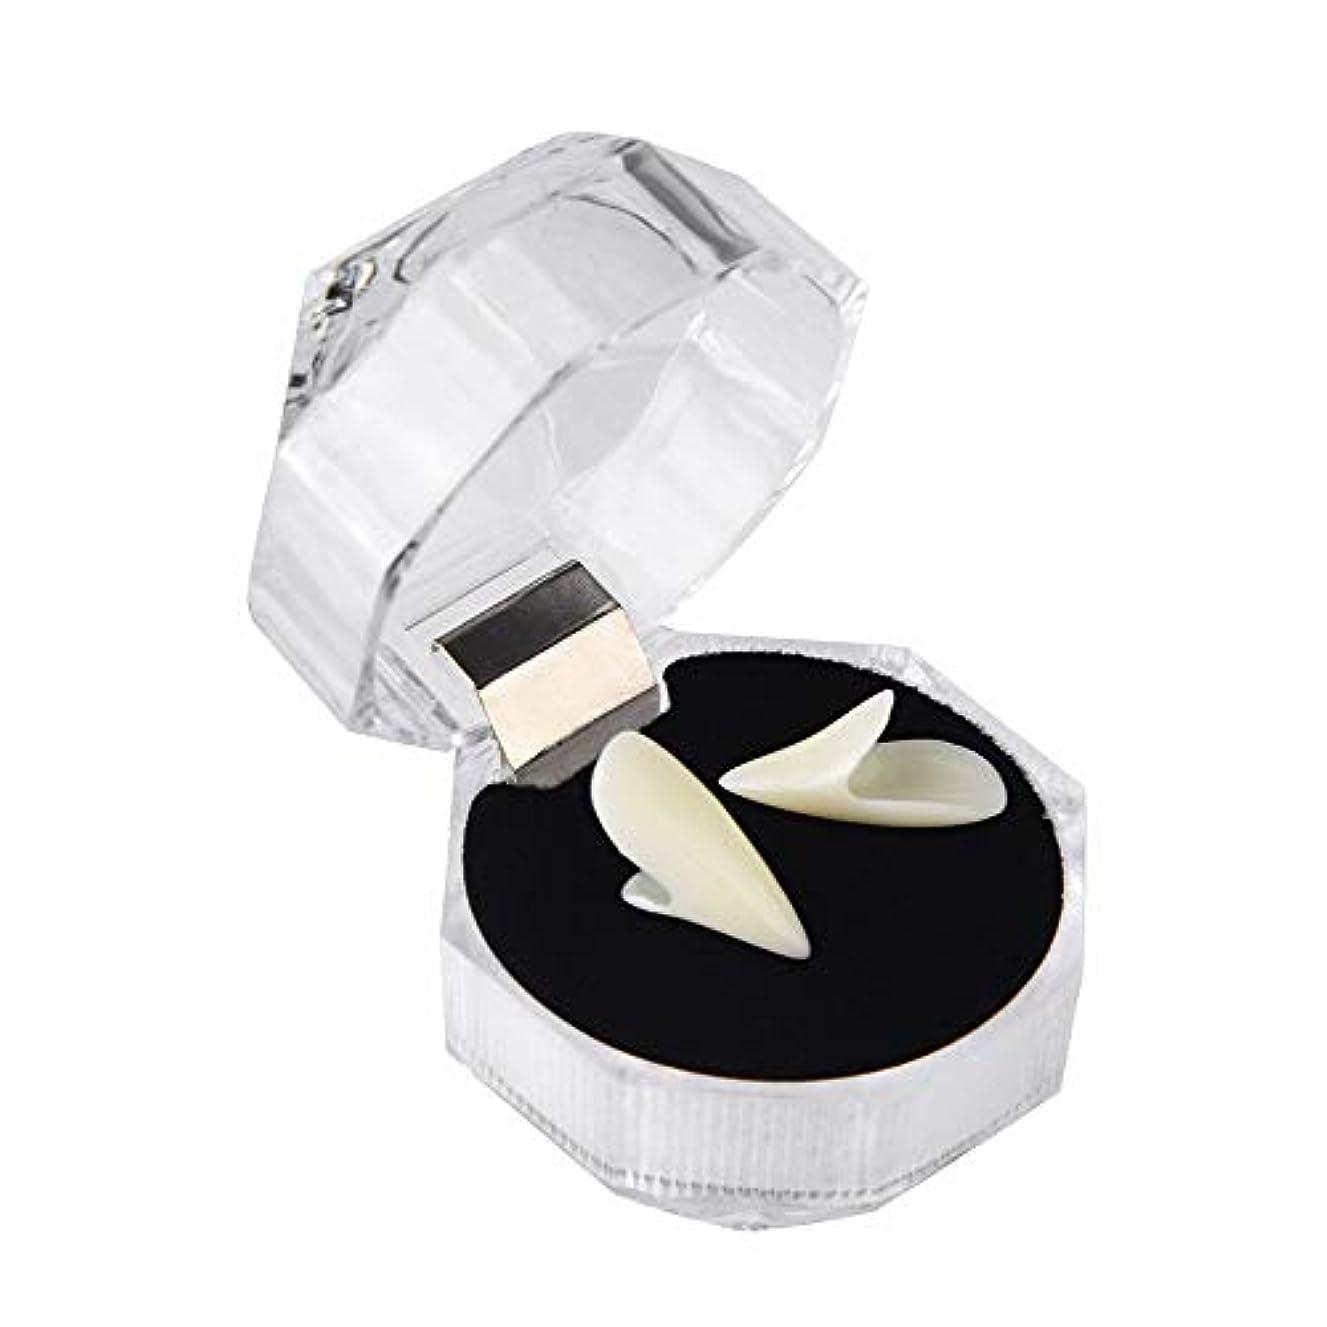 2ピースユニセックスハロウィンロールプレイングゾンビ義歯、樹脂にやさしい食品グレード義歯(歯のジェル付き),17mm